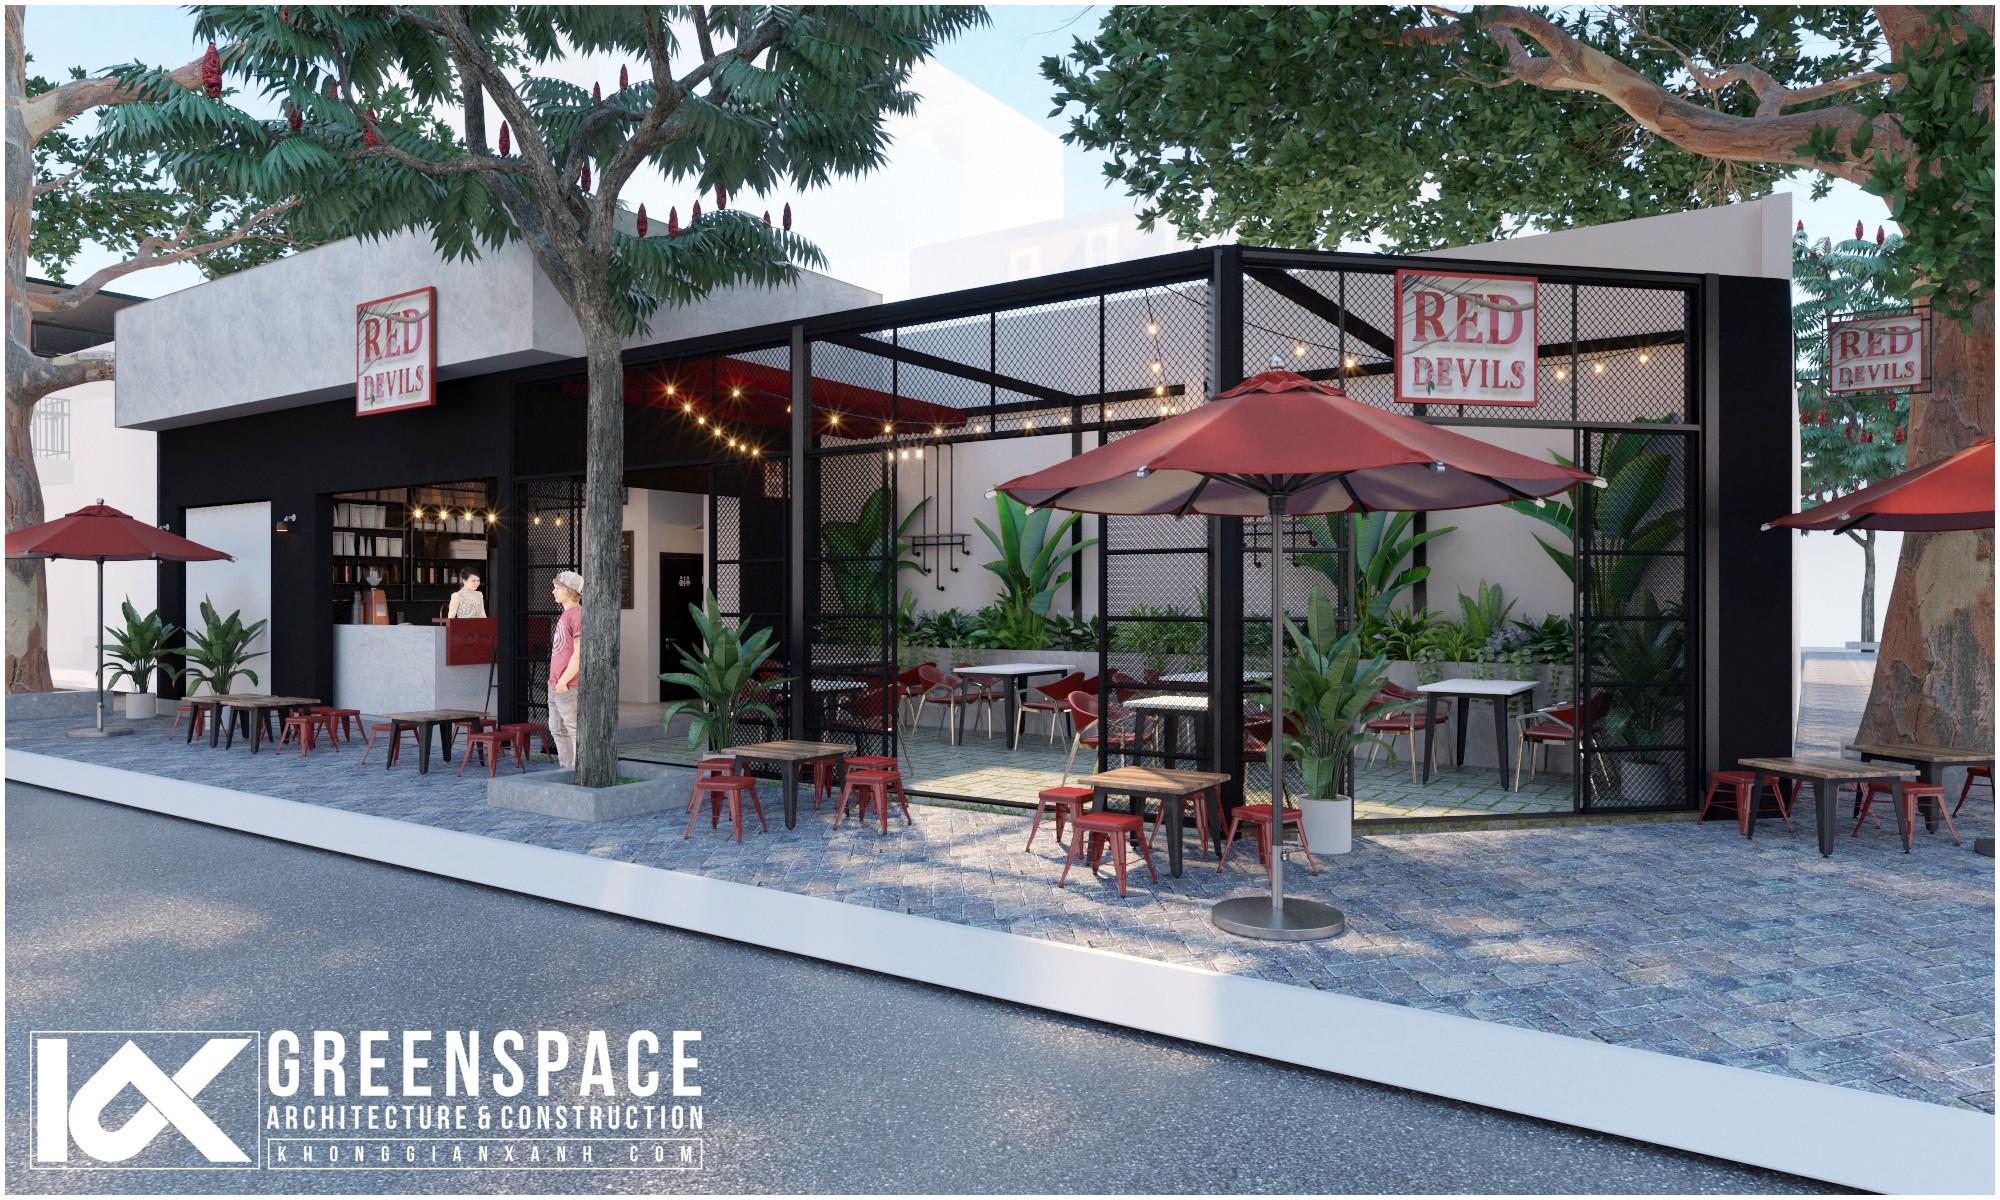 không gian bên ngoài quán cafe Red Devils